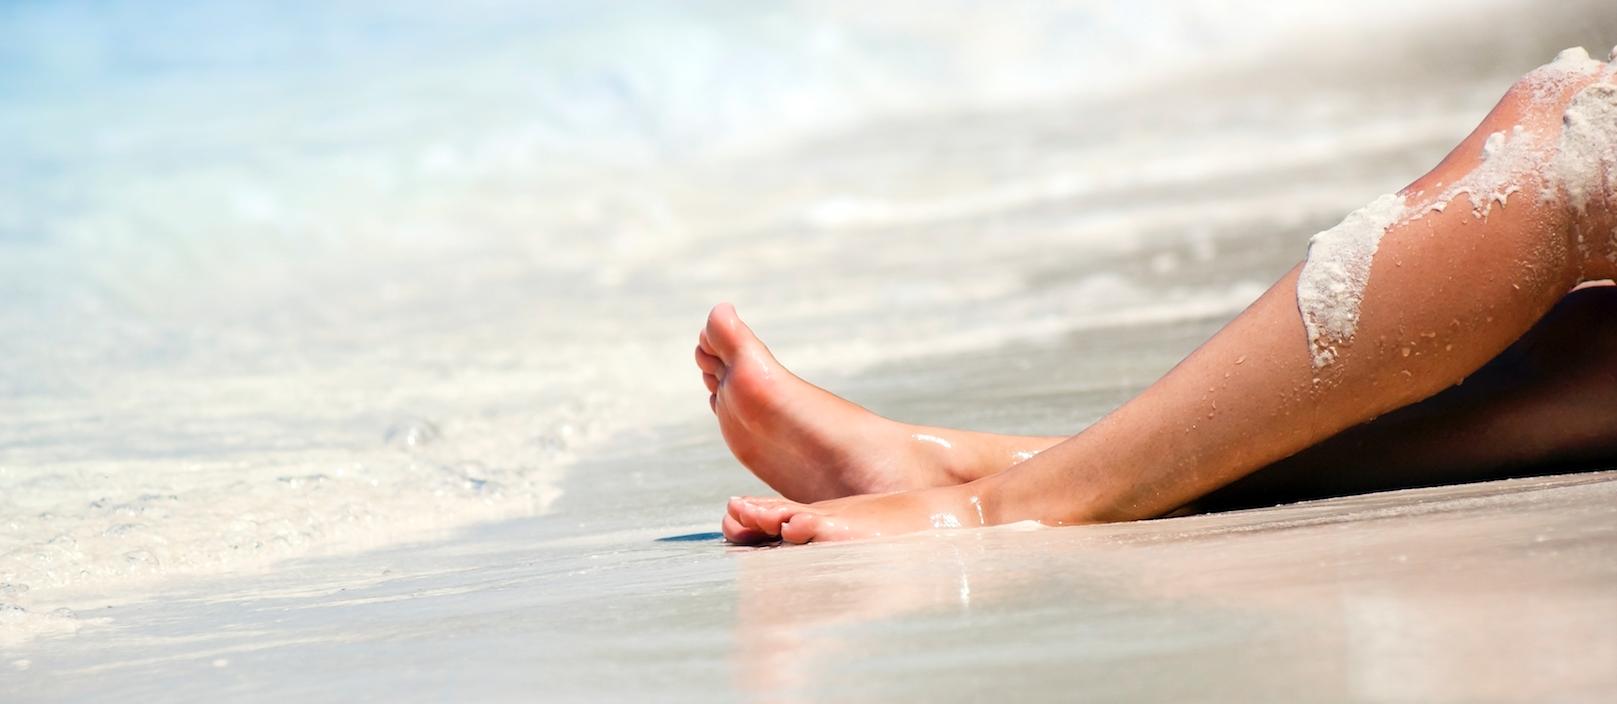 Disfrutar del verano sin complejos - La importancia de la autoestima